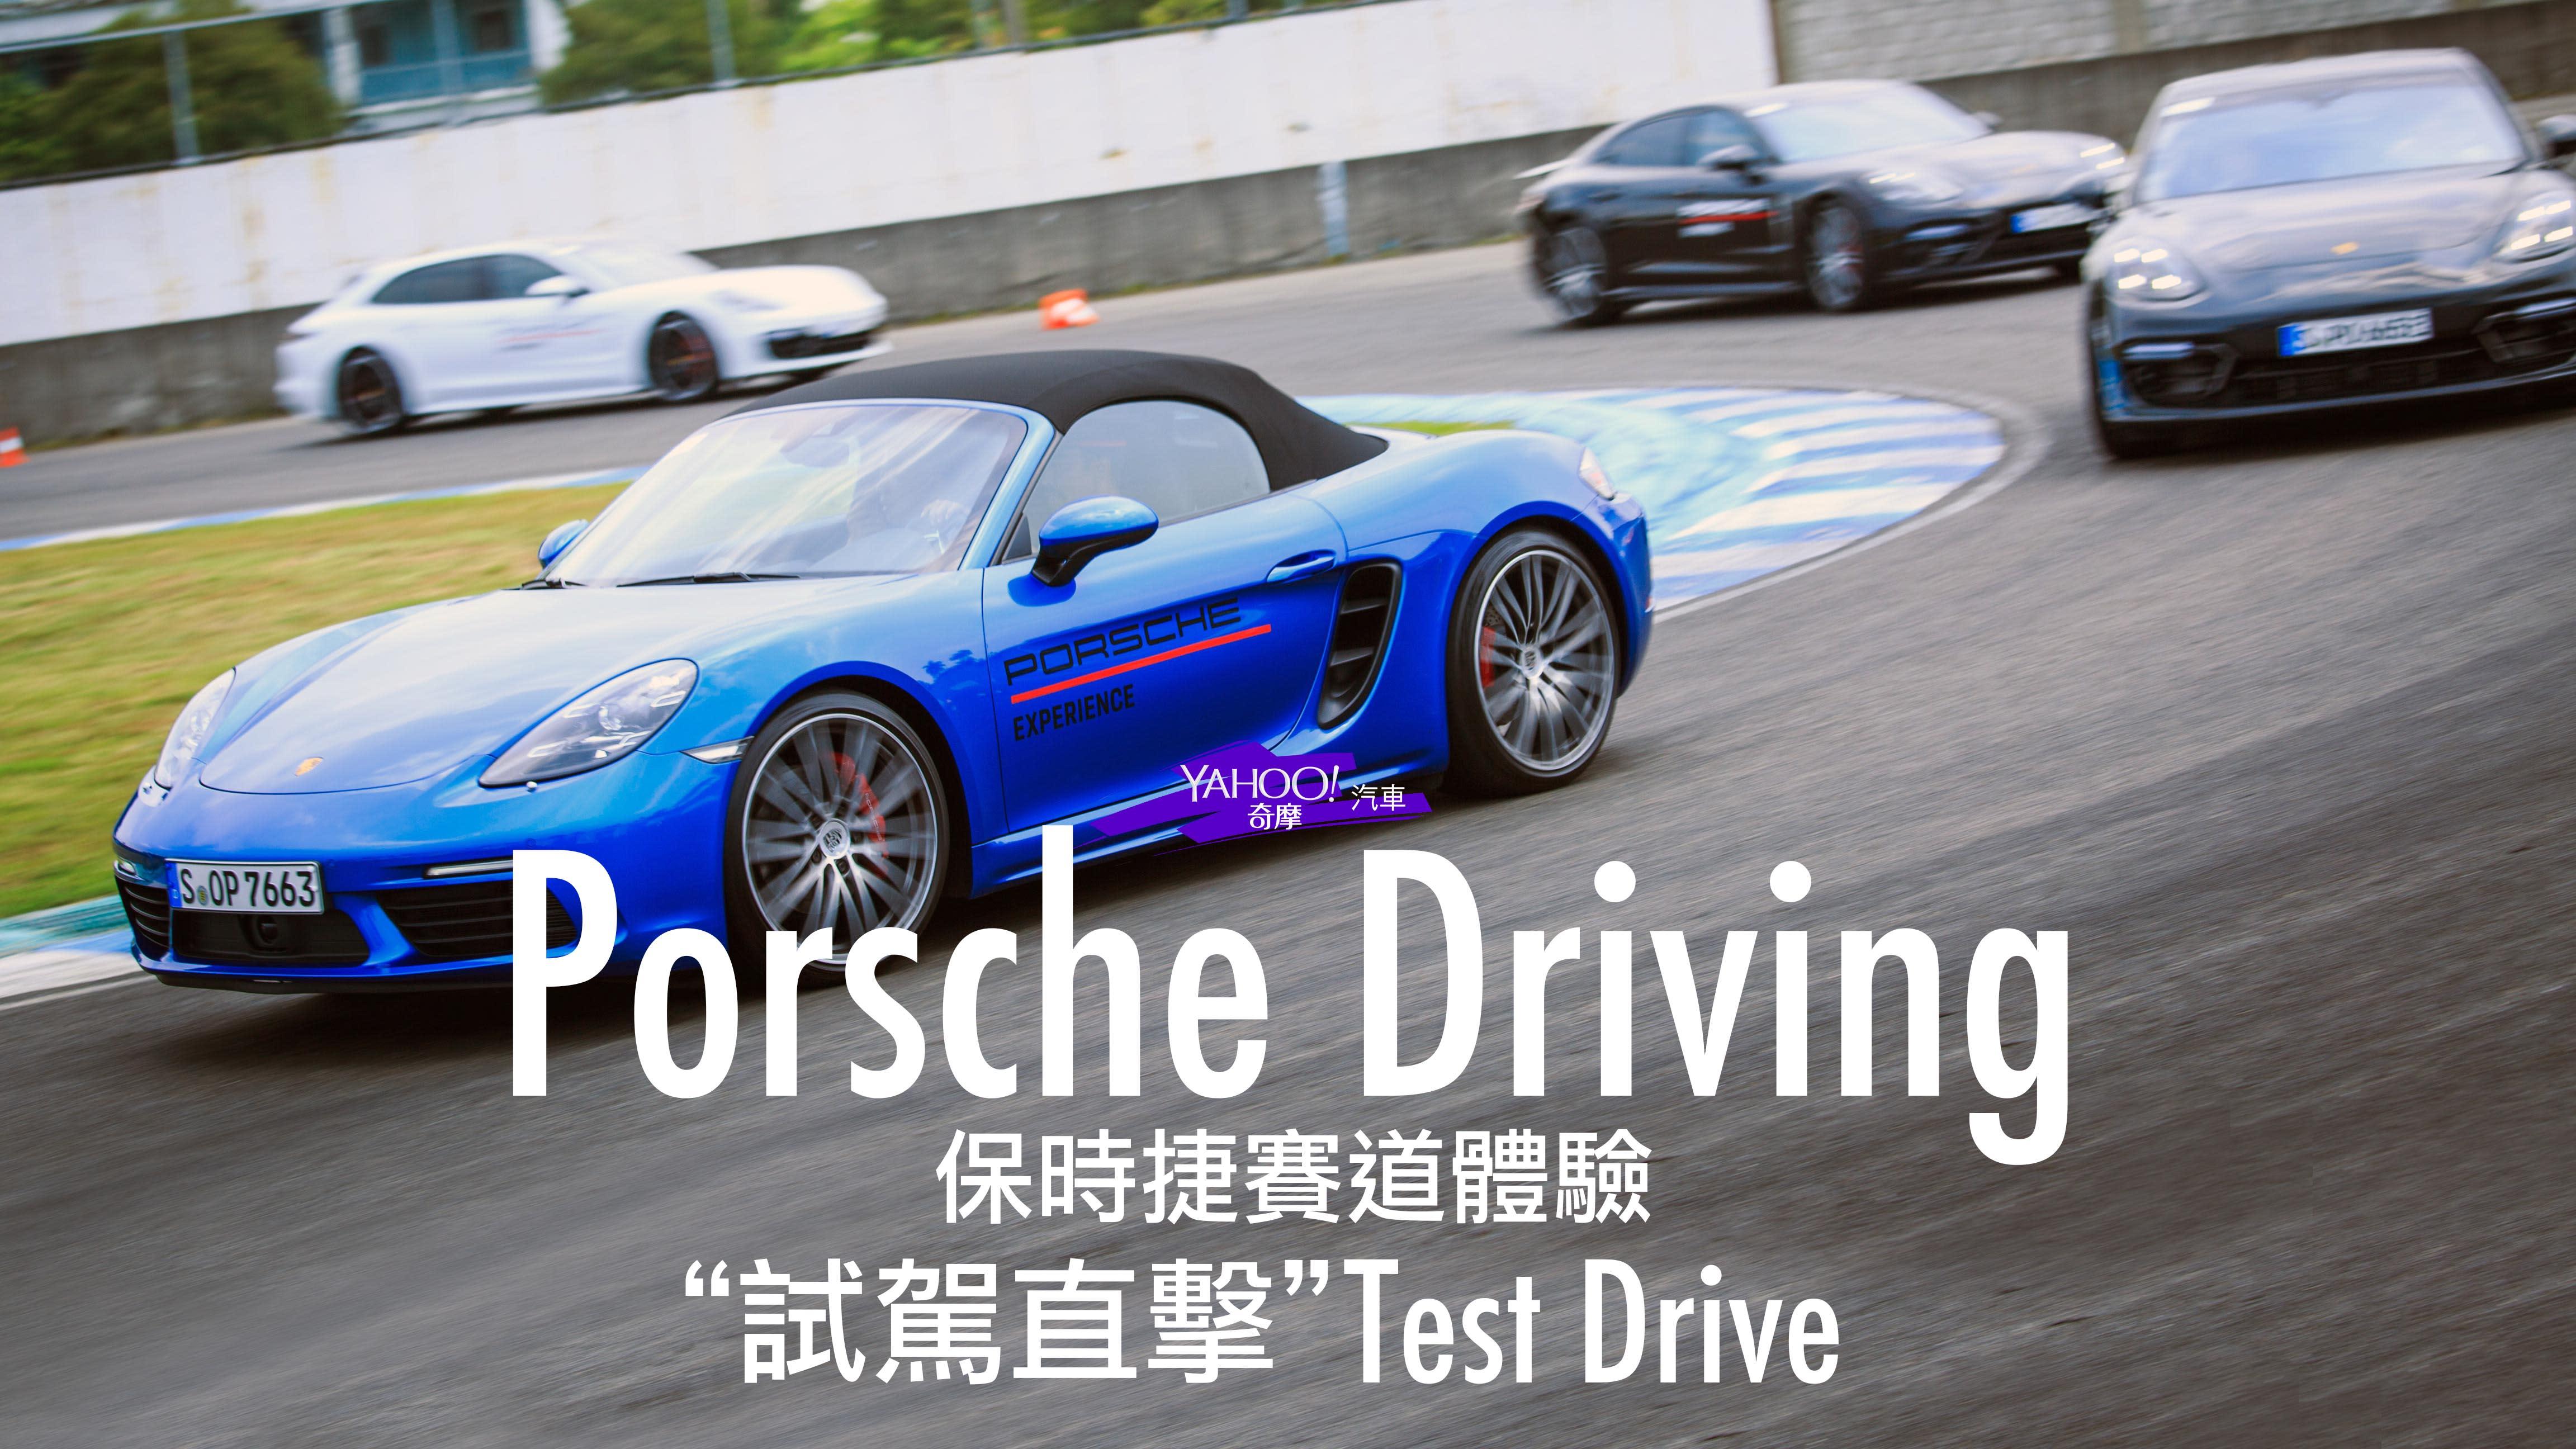 【試駕直擊】開著Dream Car起跑吧!2018 Porsche駕訓體驗翱翔大鵬灣!